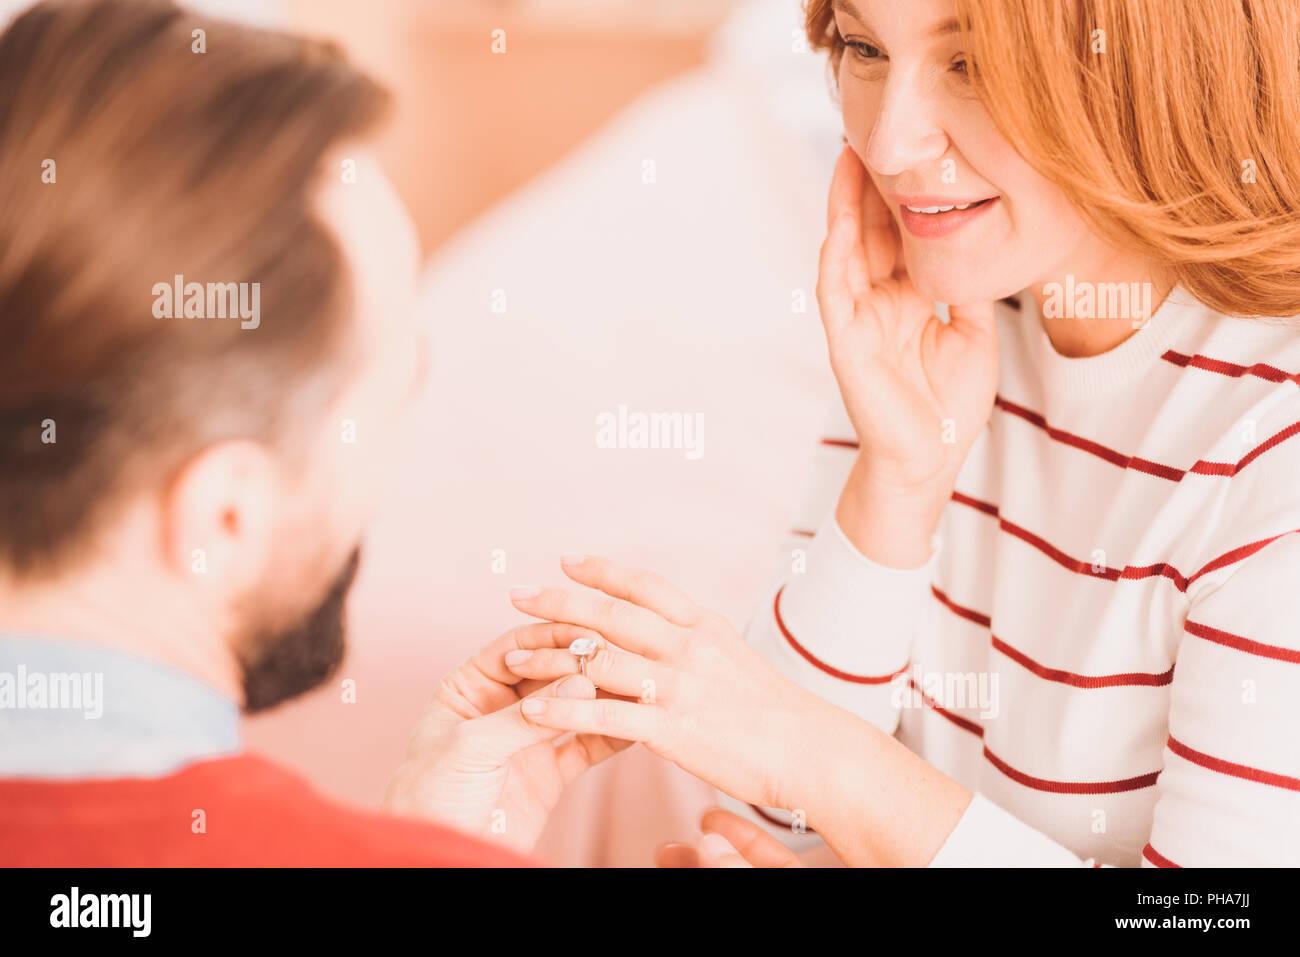 Belle bague de fiançailles sur le doigt de belle femme Photo Stock